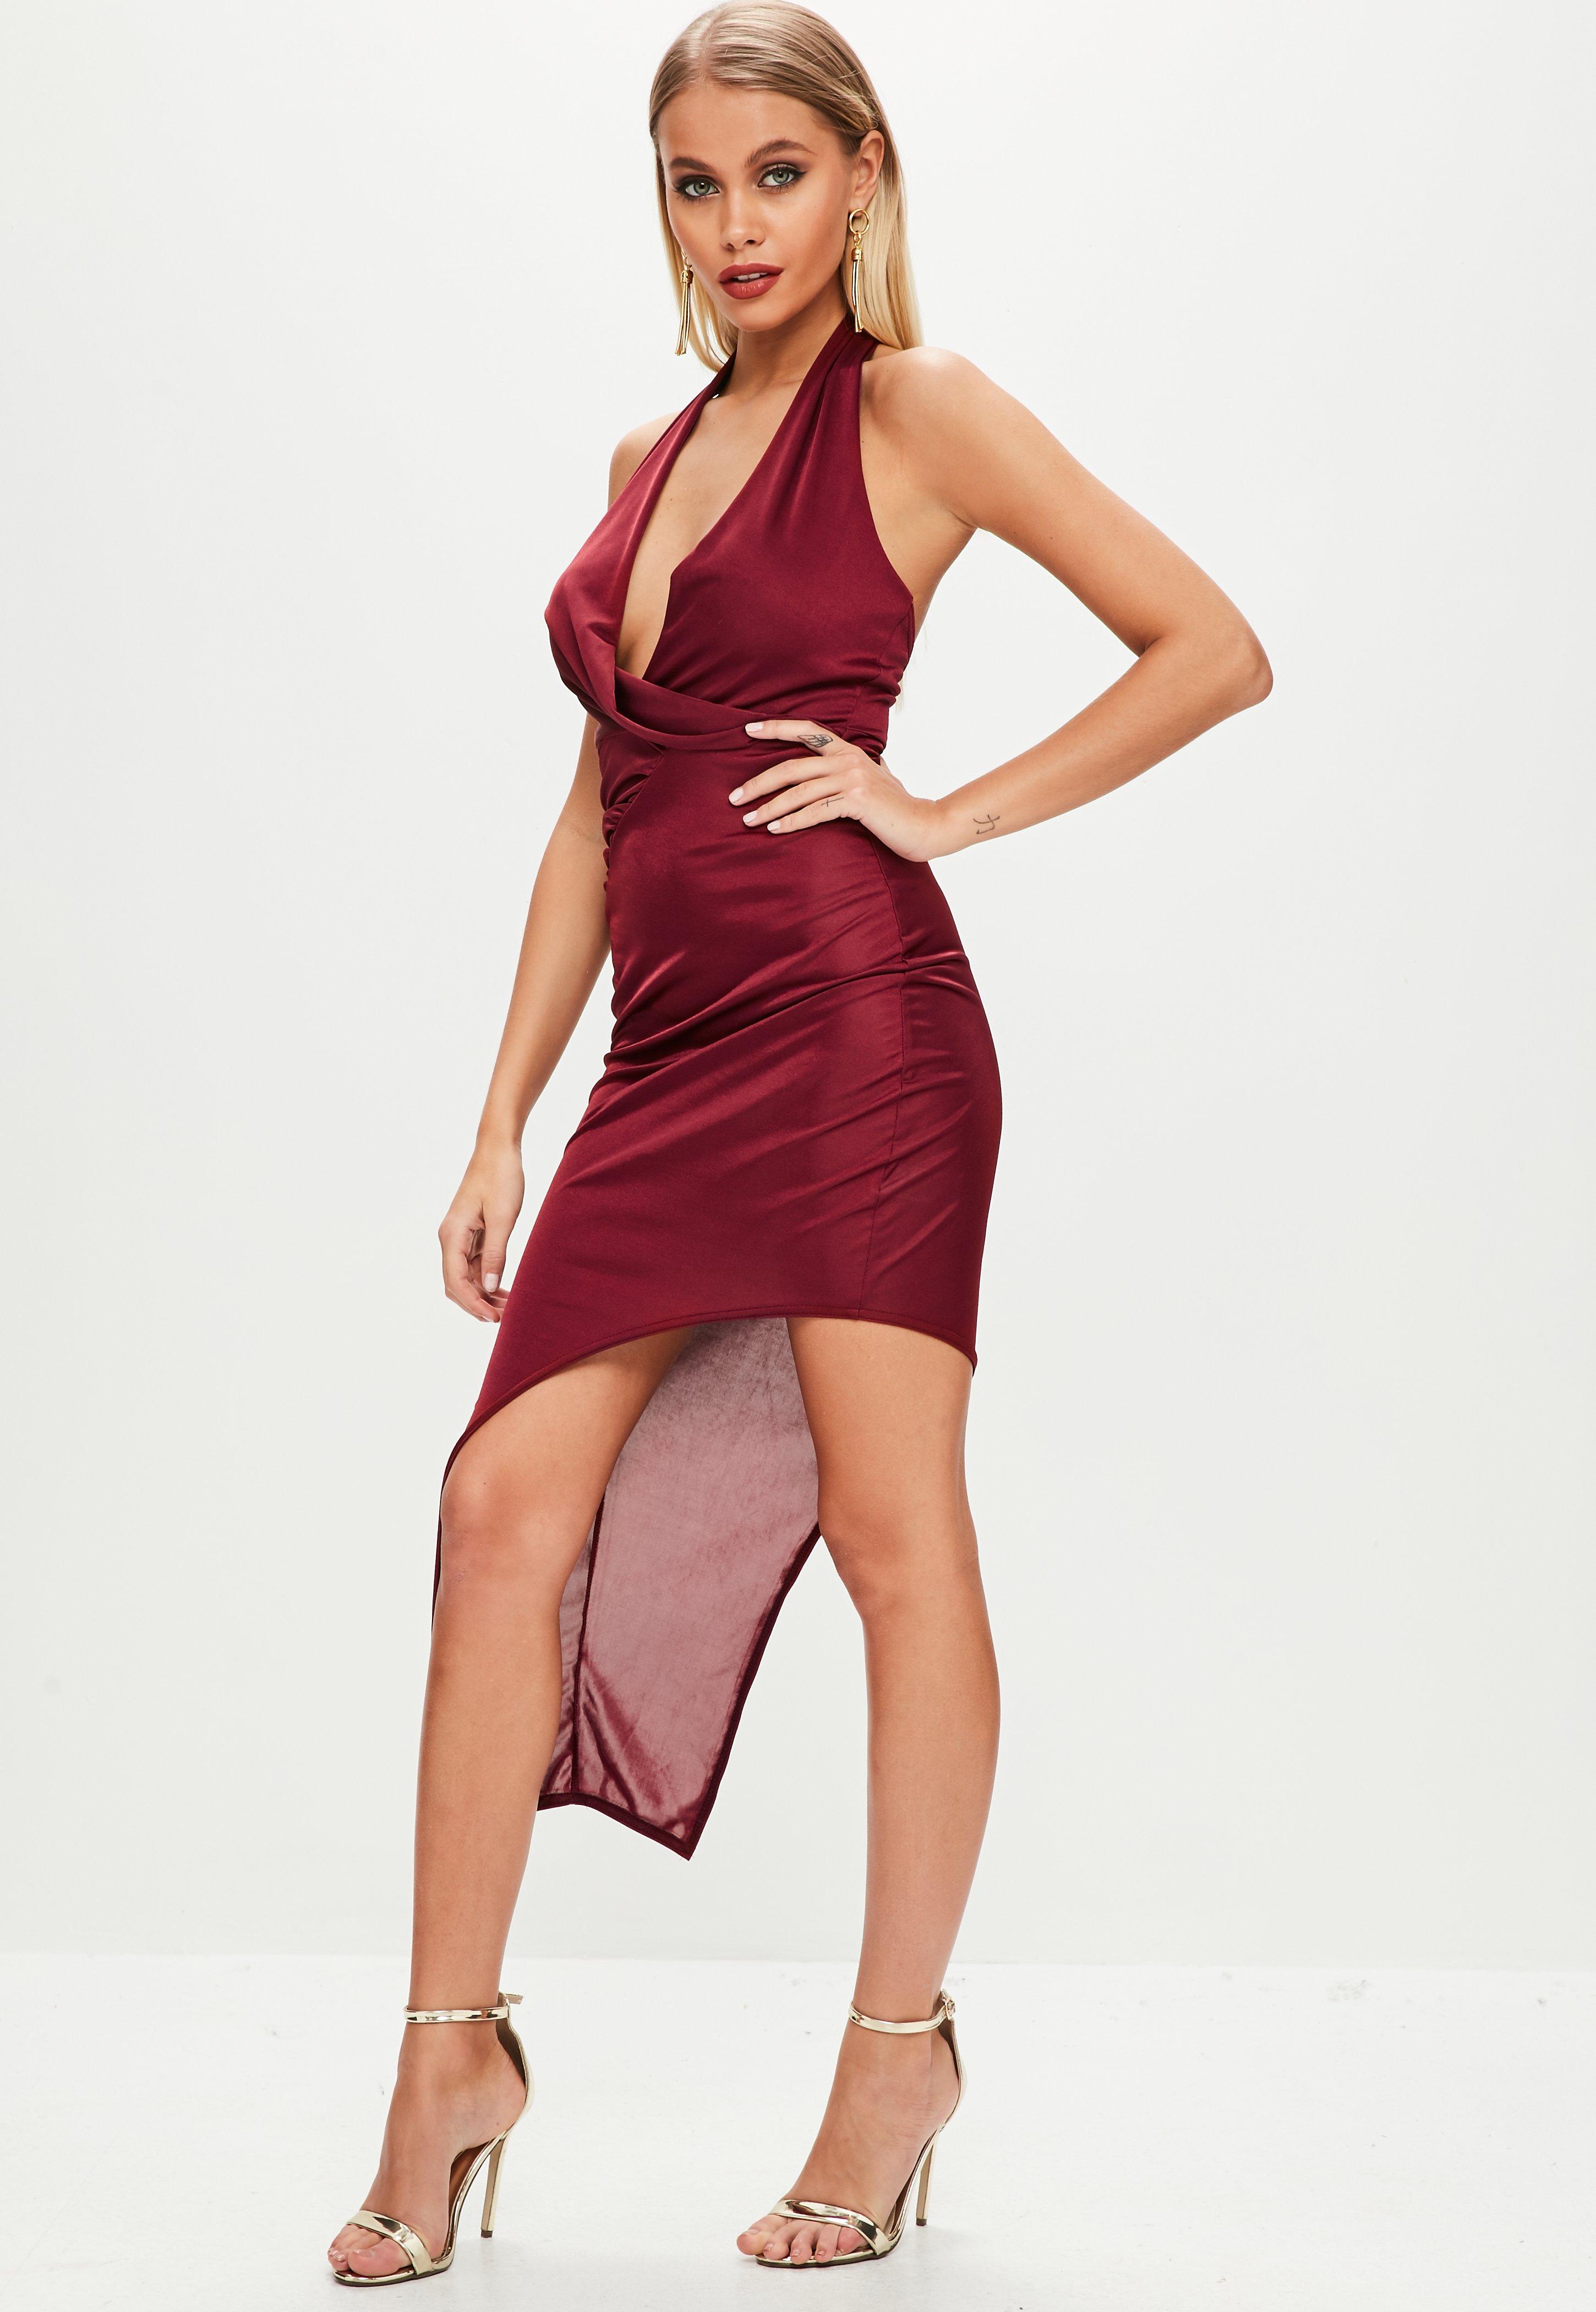 Low cut dresses images